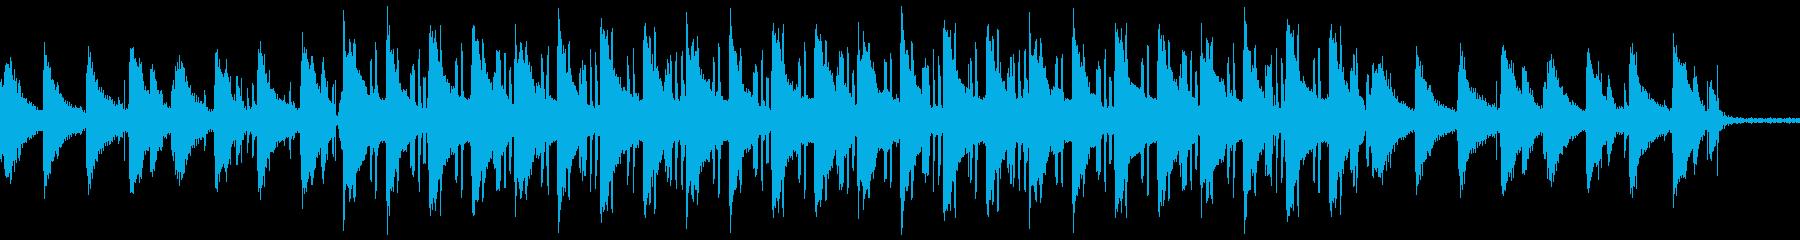 ローファイヒップホップ カフェの再生済みの波形